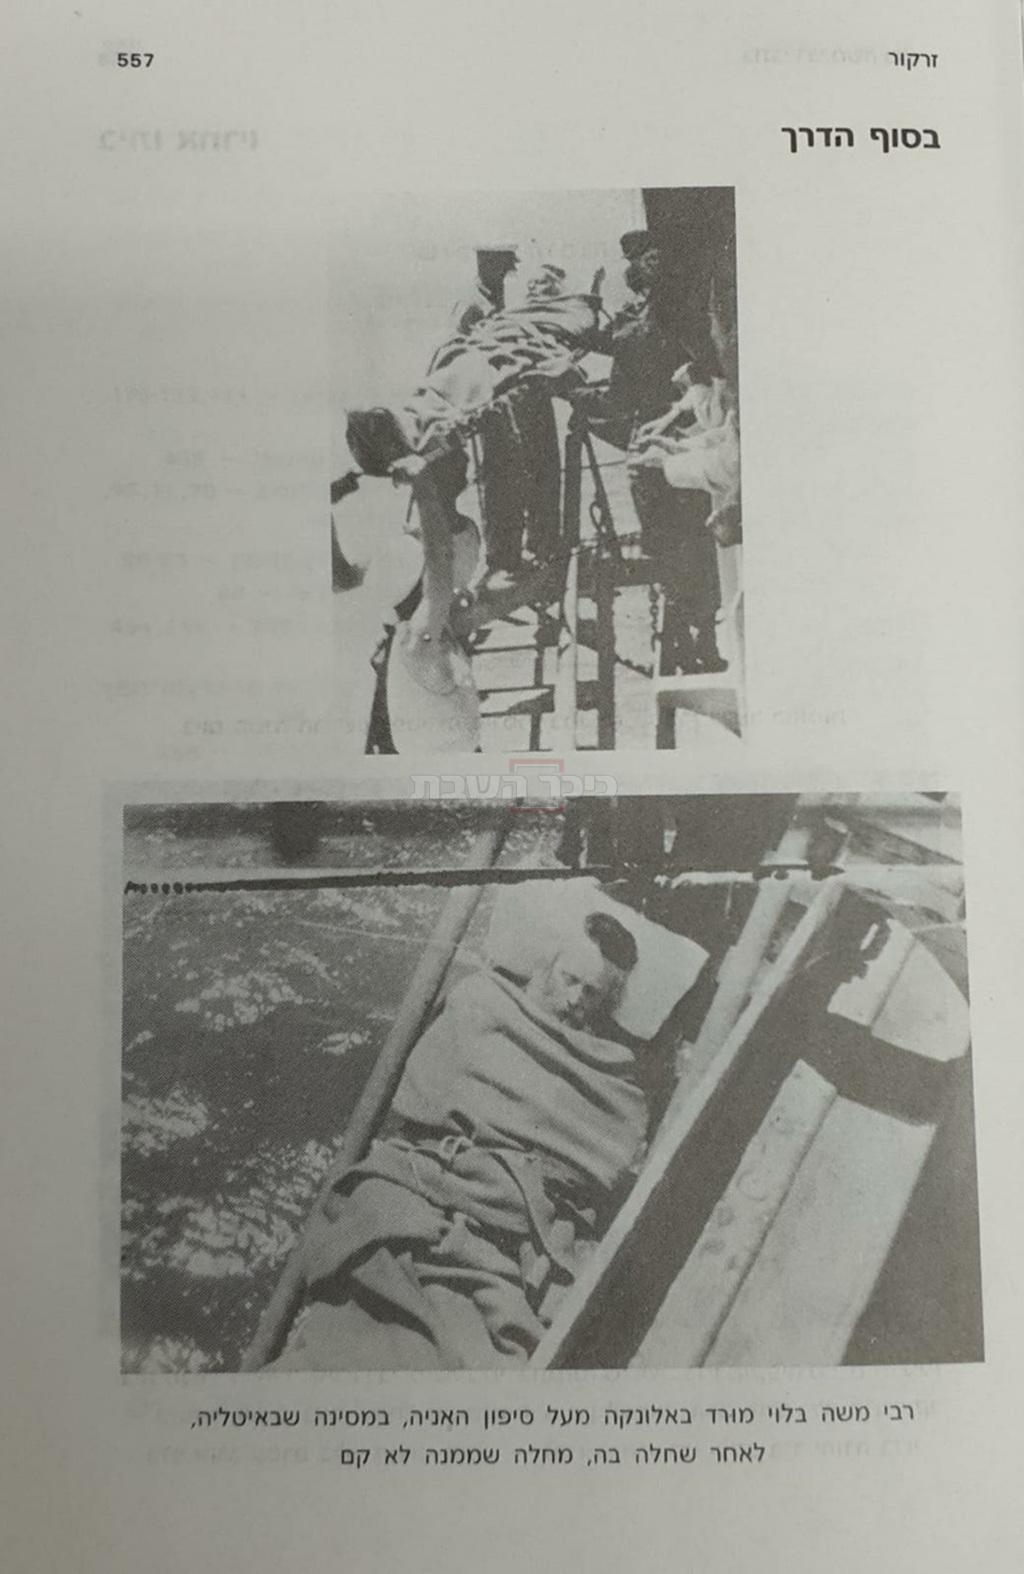 התמונות הידועות עד כה  (מתוך ארכיון ר' דודי זילברשלג, הובא בספר כתבי רבי משה בלוי בהוצאת משאבים)